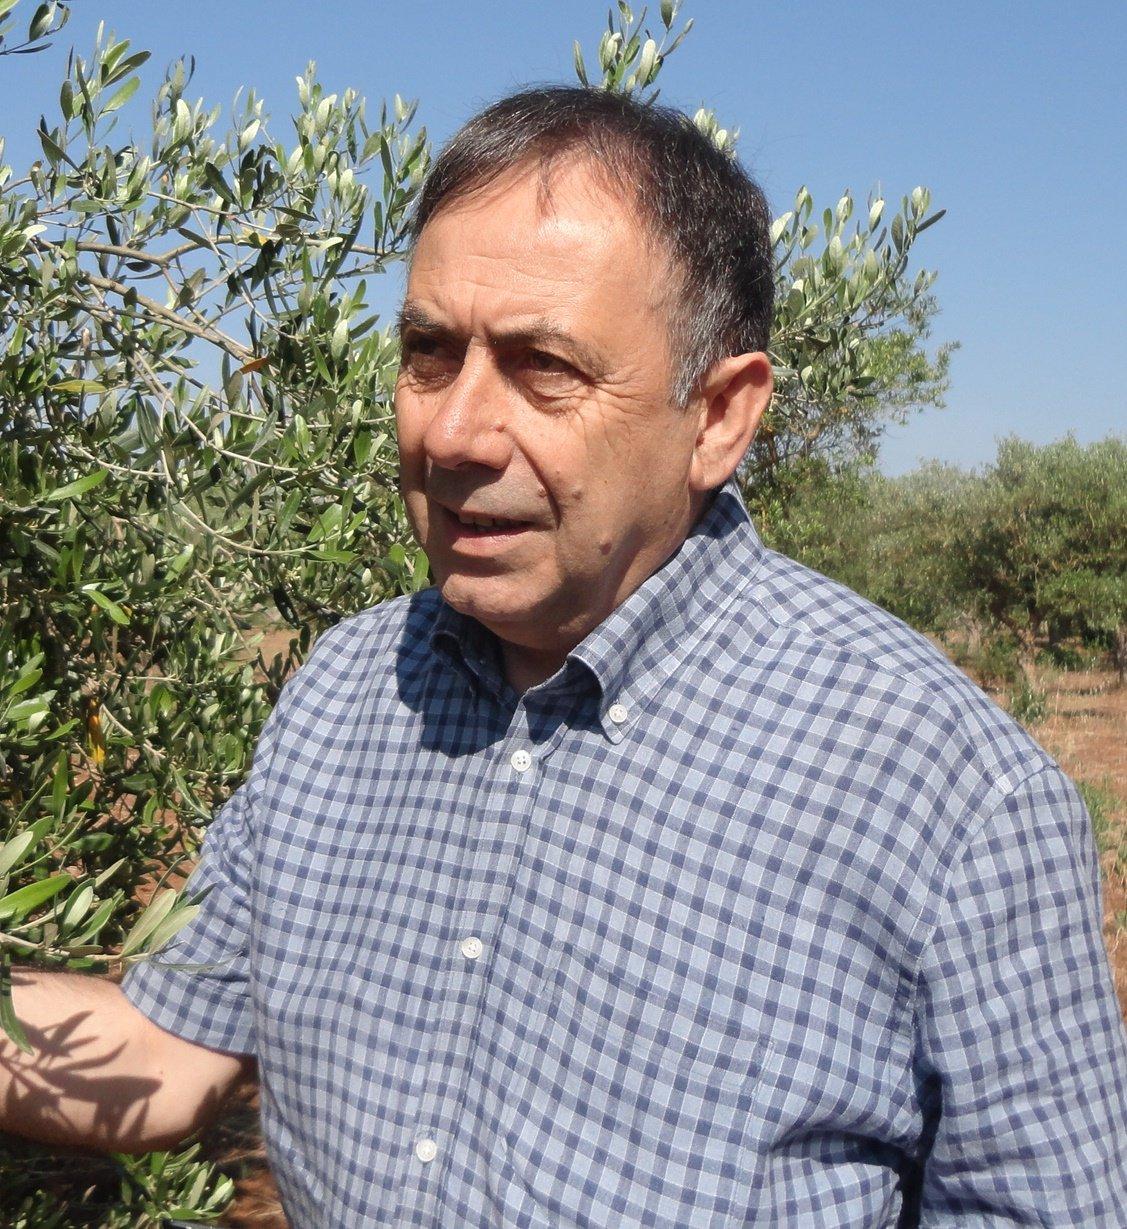 In Italia il dileggio, all'estero solo lodi per il ricercatore Donato Boscia